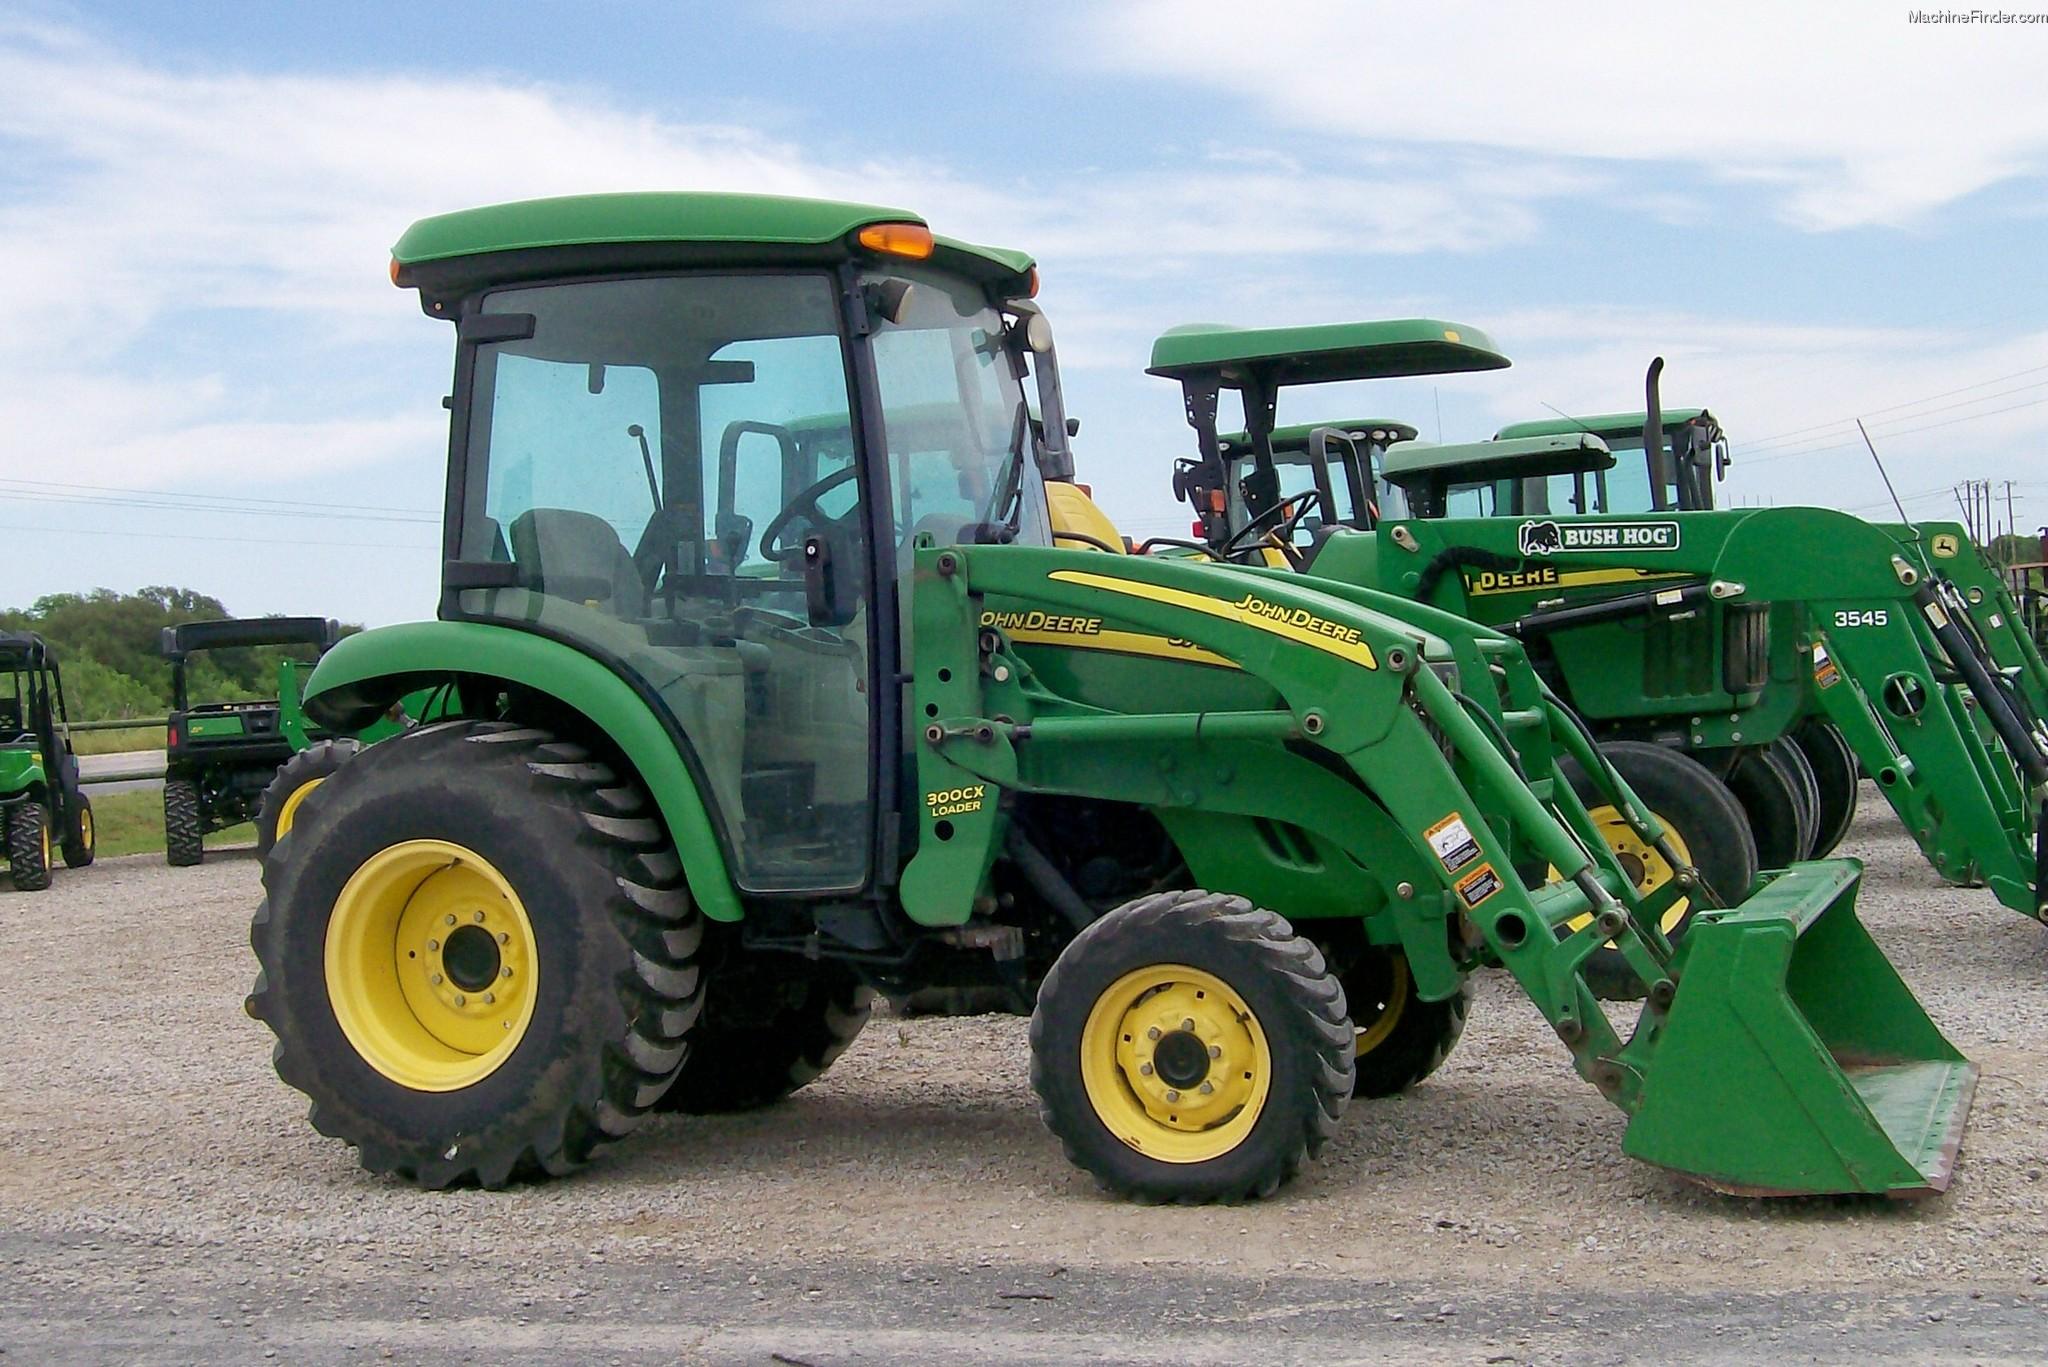 2006 John Deere 3720 Tractors - Compact (1-40hp.) - John Deere ...